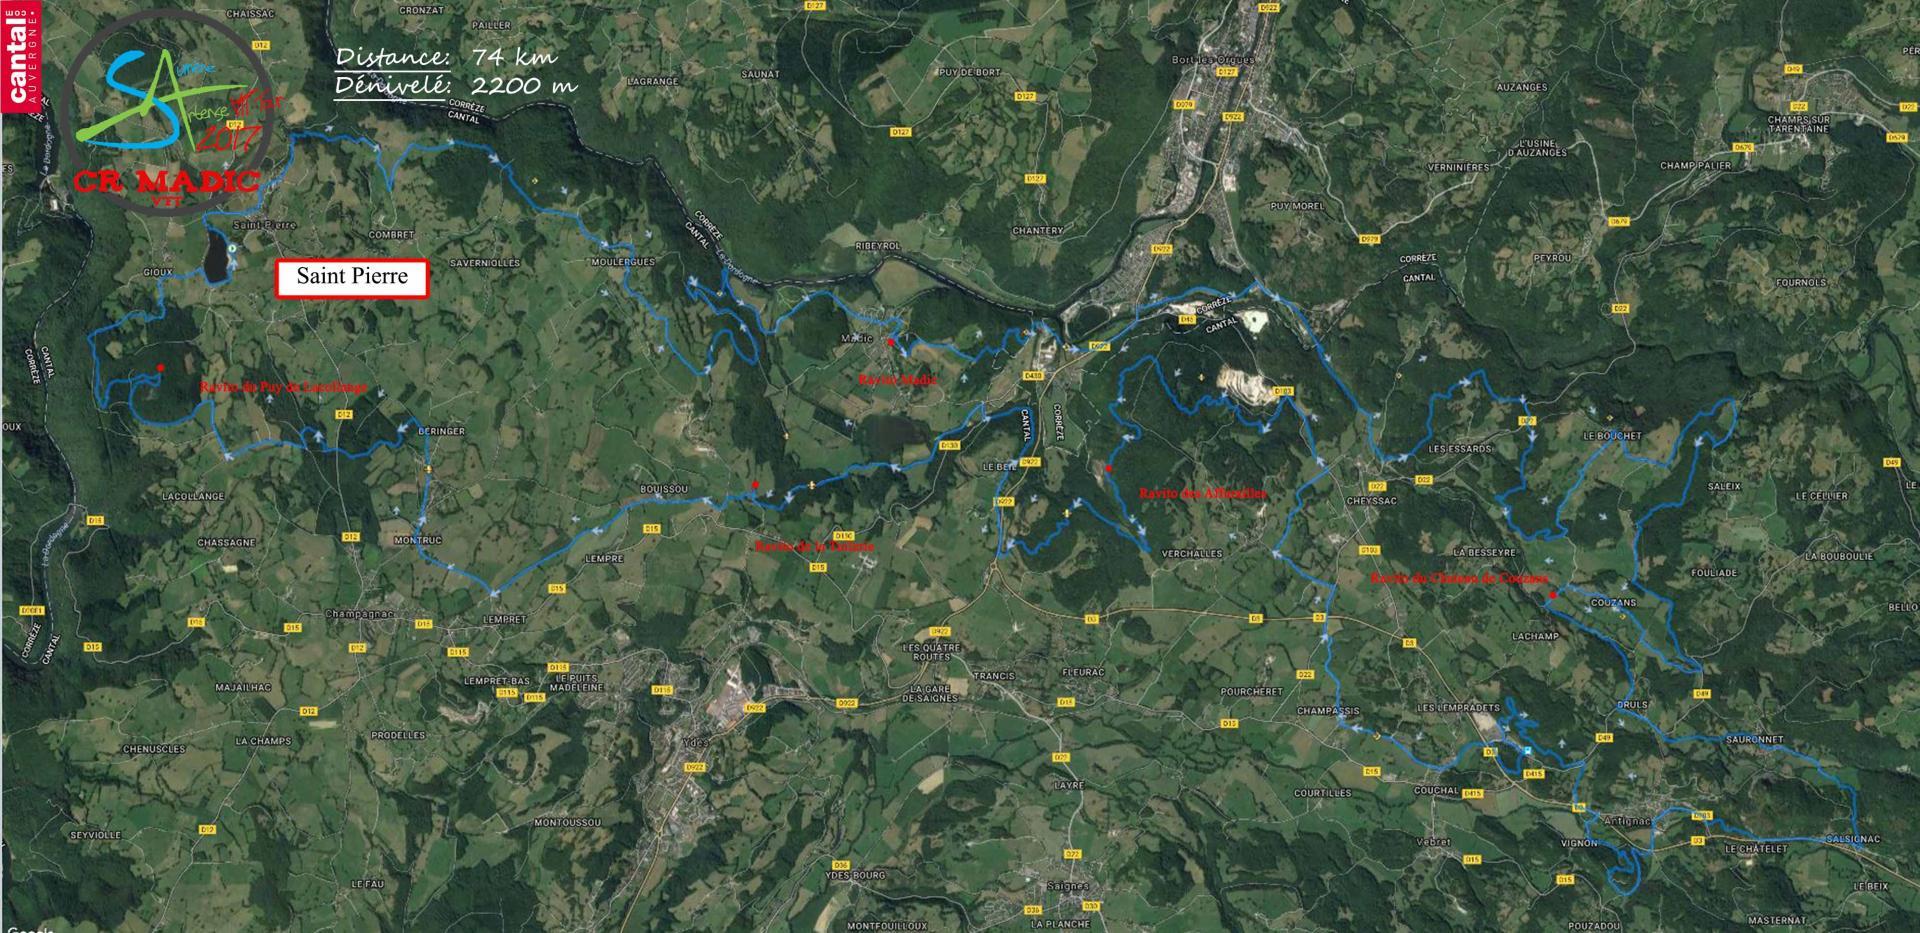 2017 savtt tour 75 km parcours